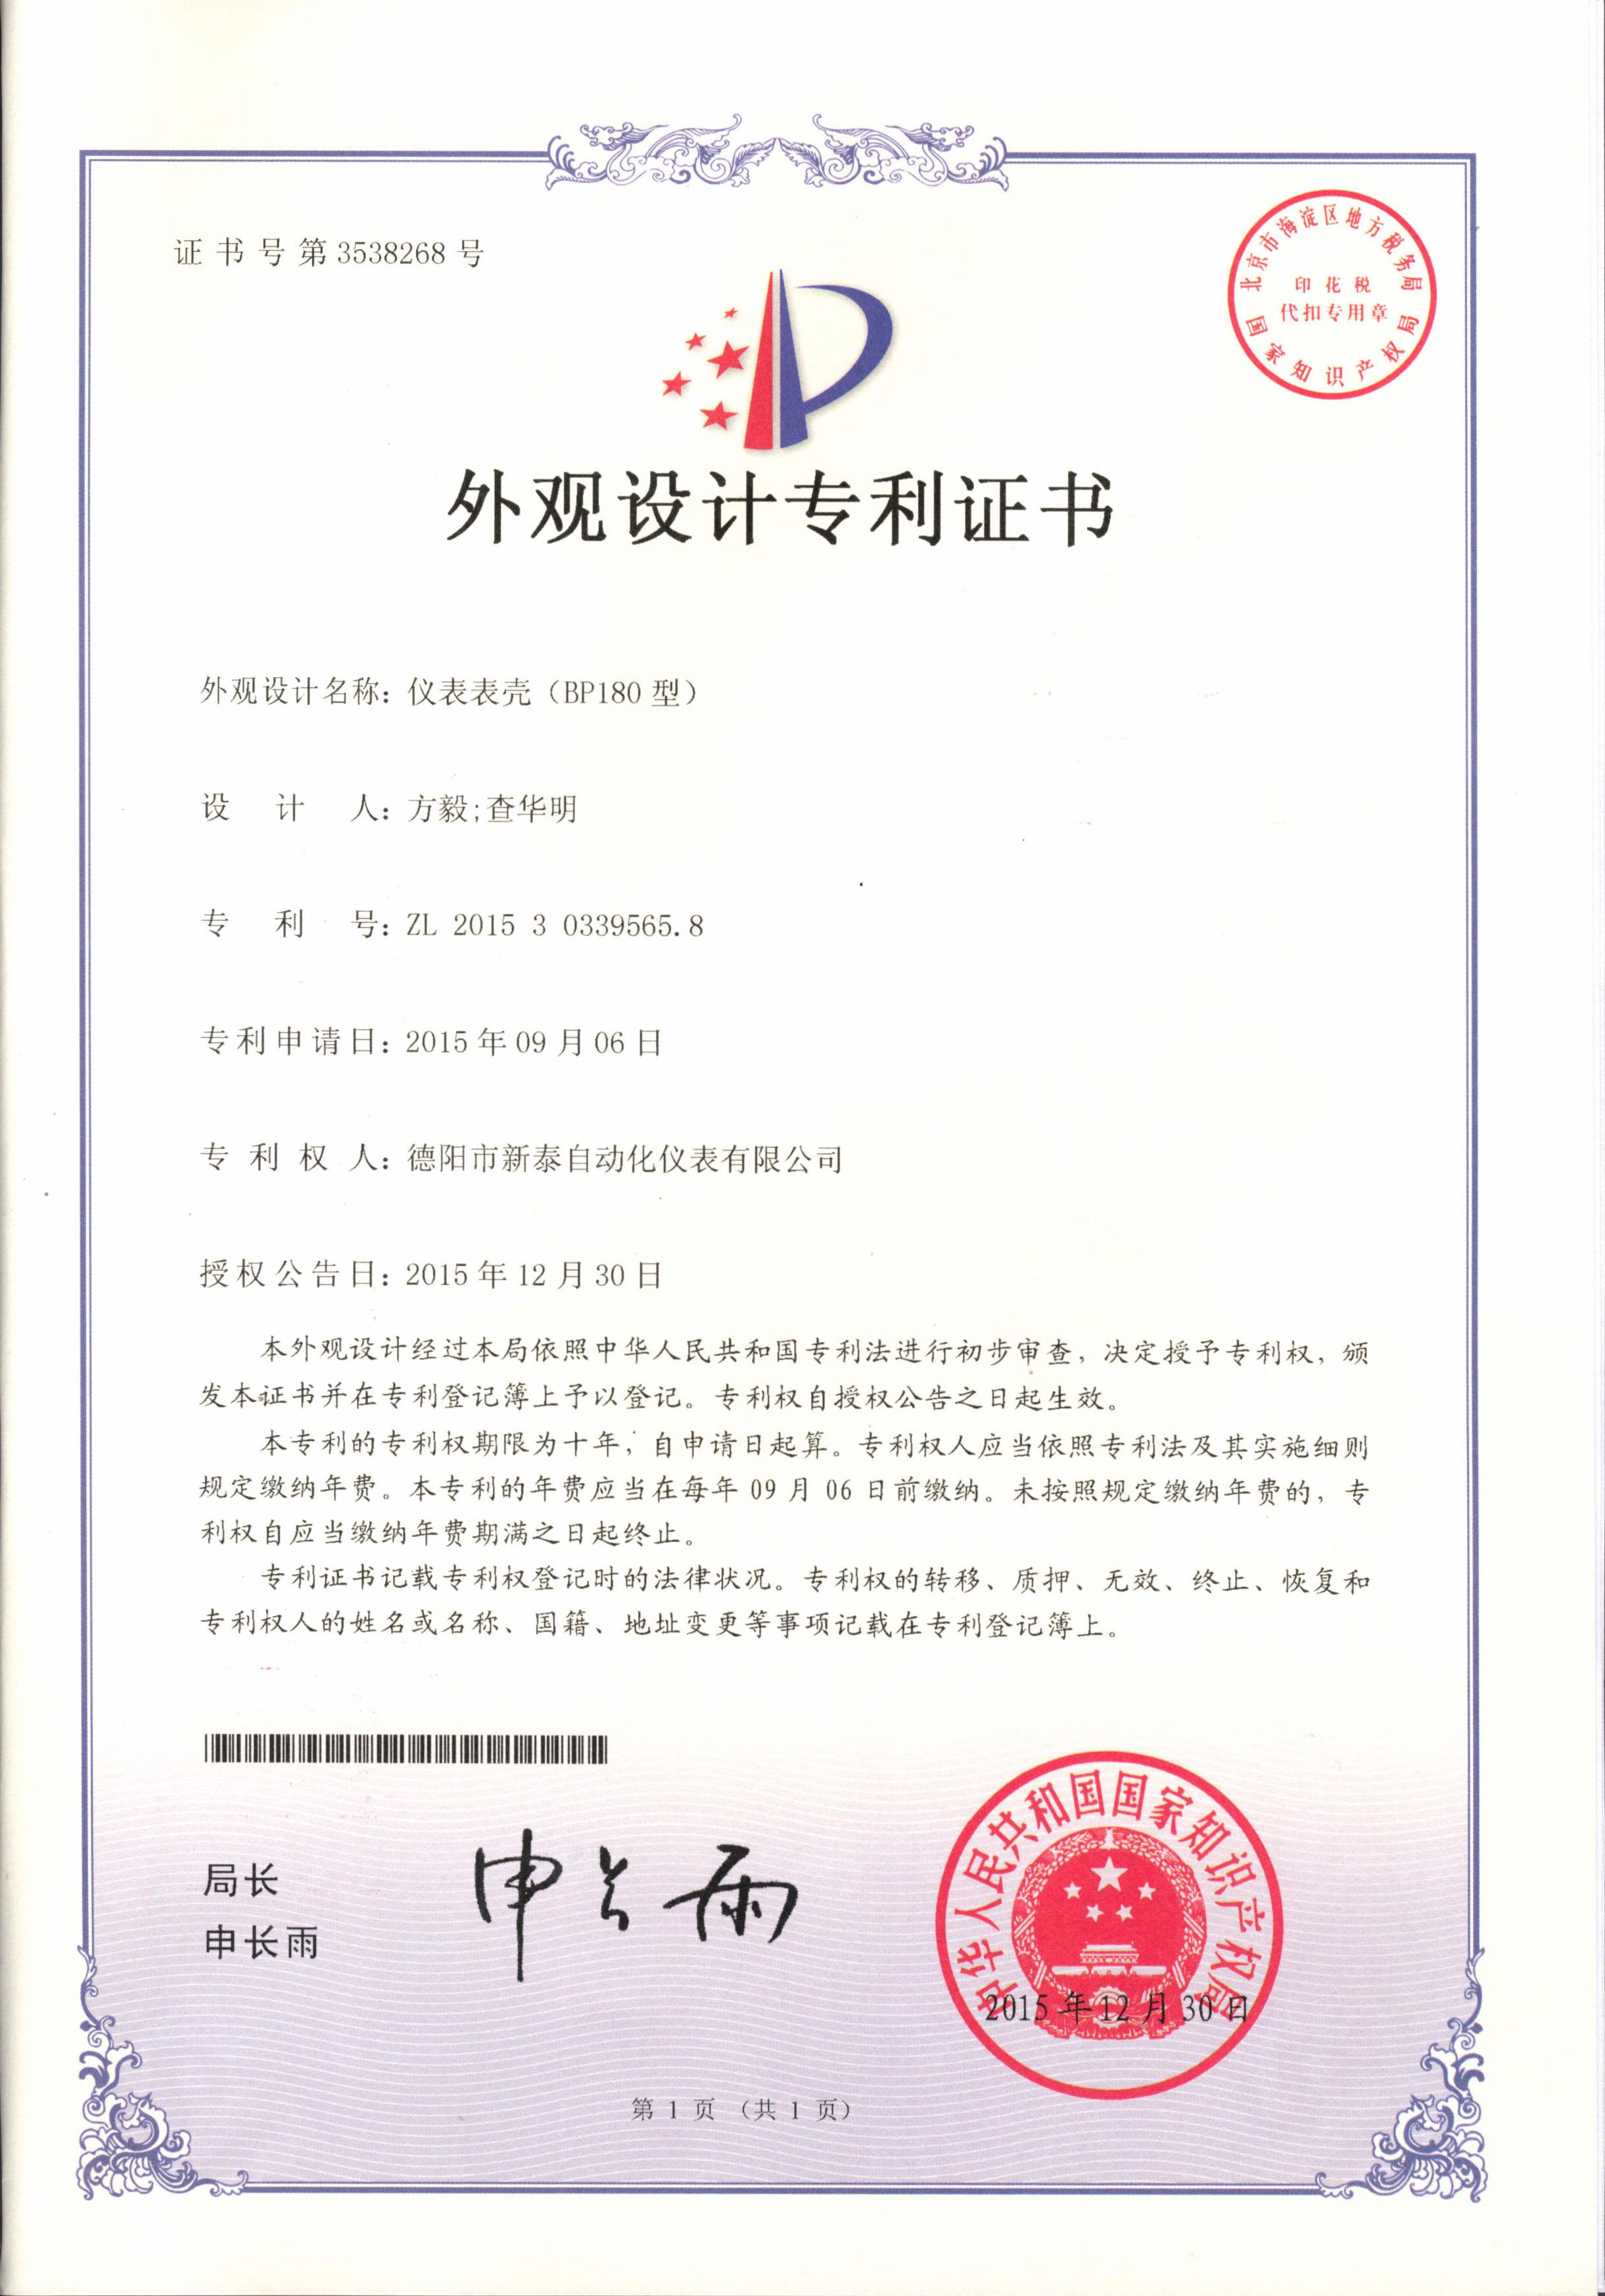 日本avapp下载专利证书--外观设计-仪表表壳-BP180型